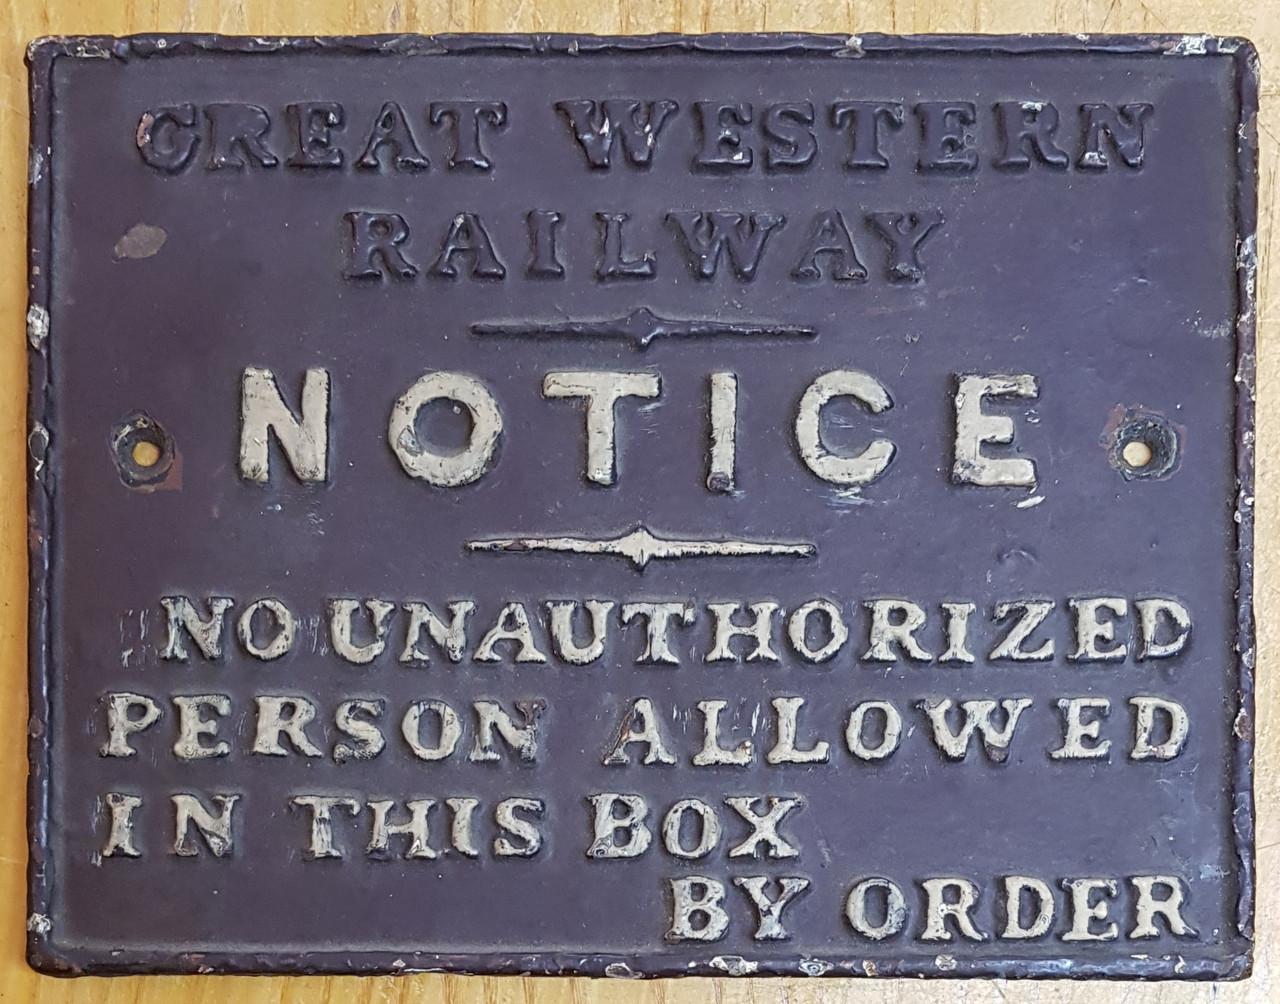 VT 3148. GREAT WESTERN RAILWAY CAST IRON SIGNAL BOX DOOR NOTICE.